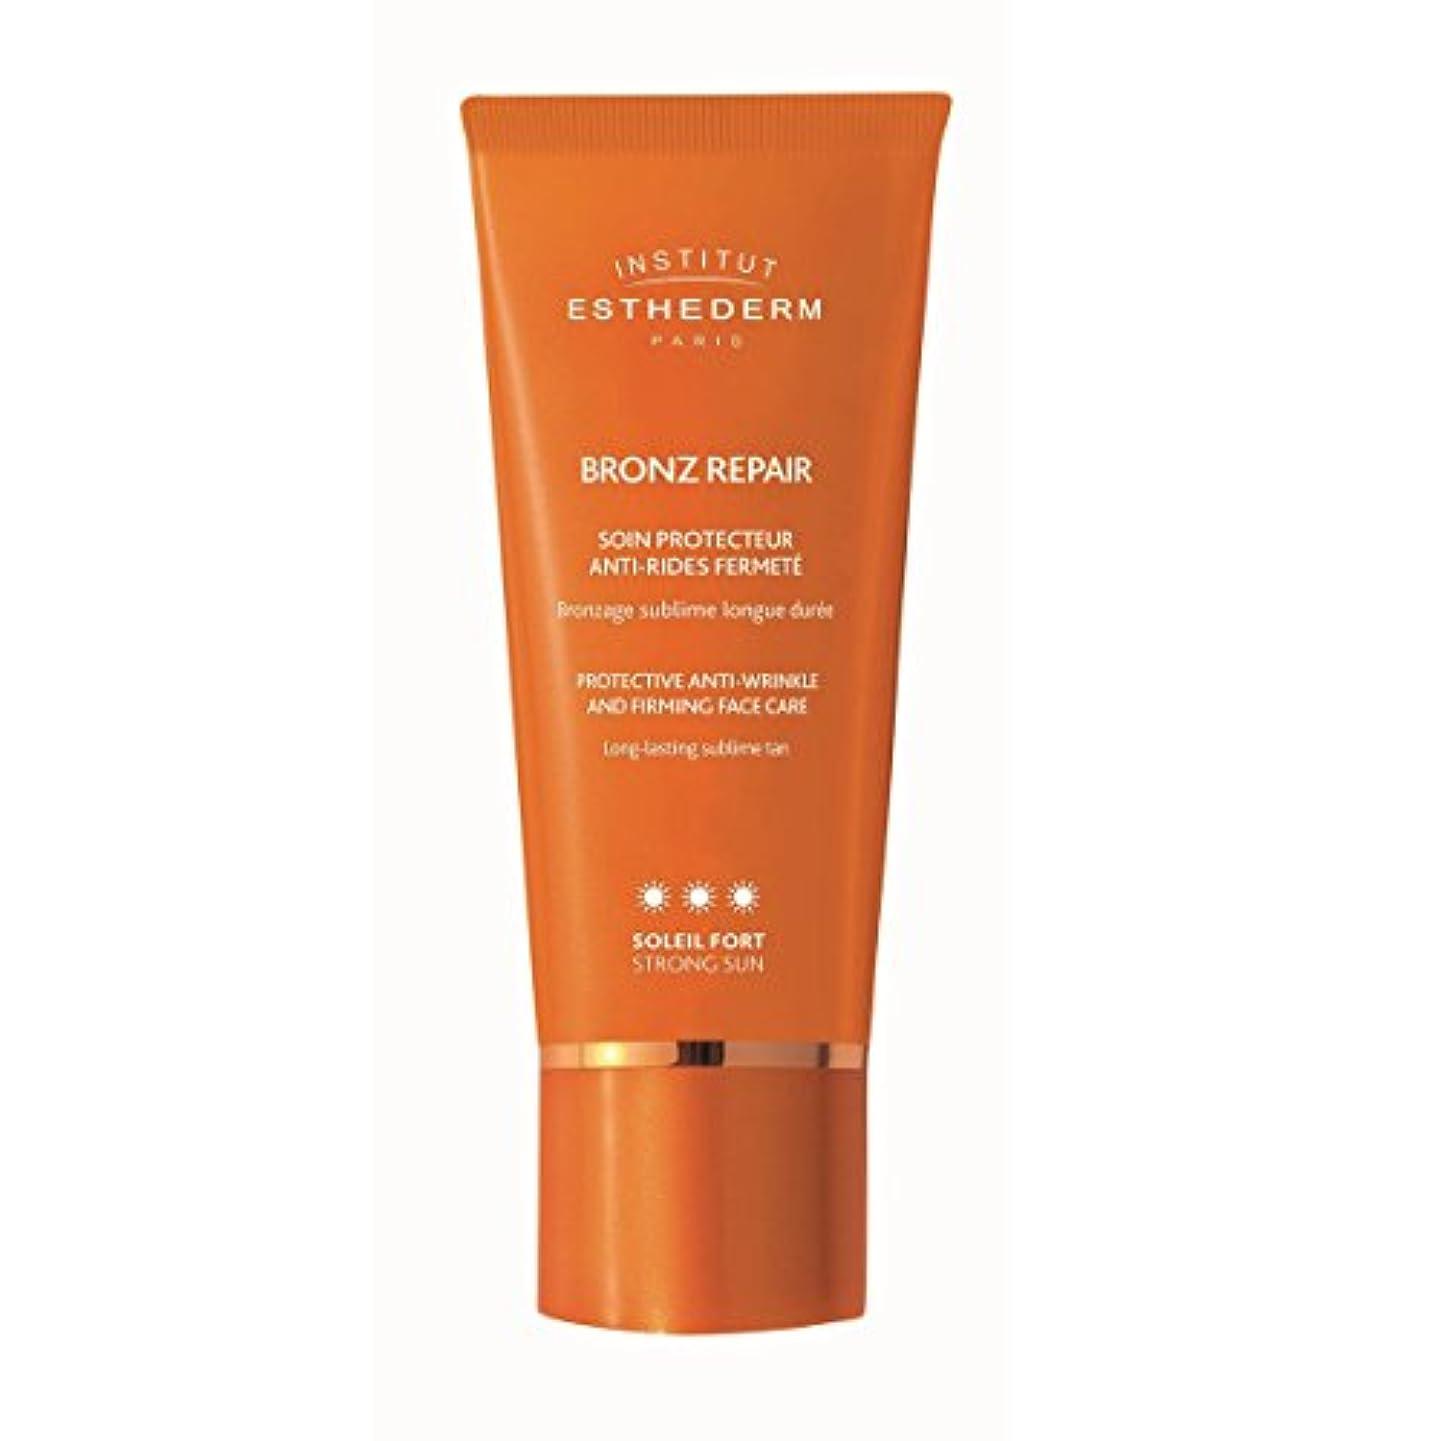 悪用ガス発行Institut Esthederm Bronz Repair Protective Anti-wrinkle And Firming Face Care Strong Sun 50ml [並行輸入品]